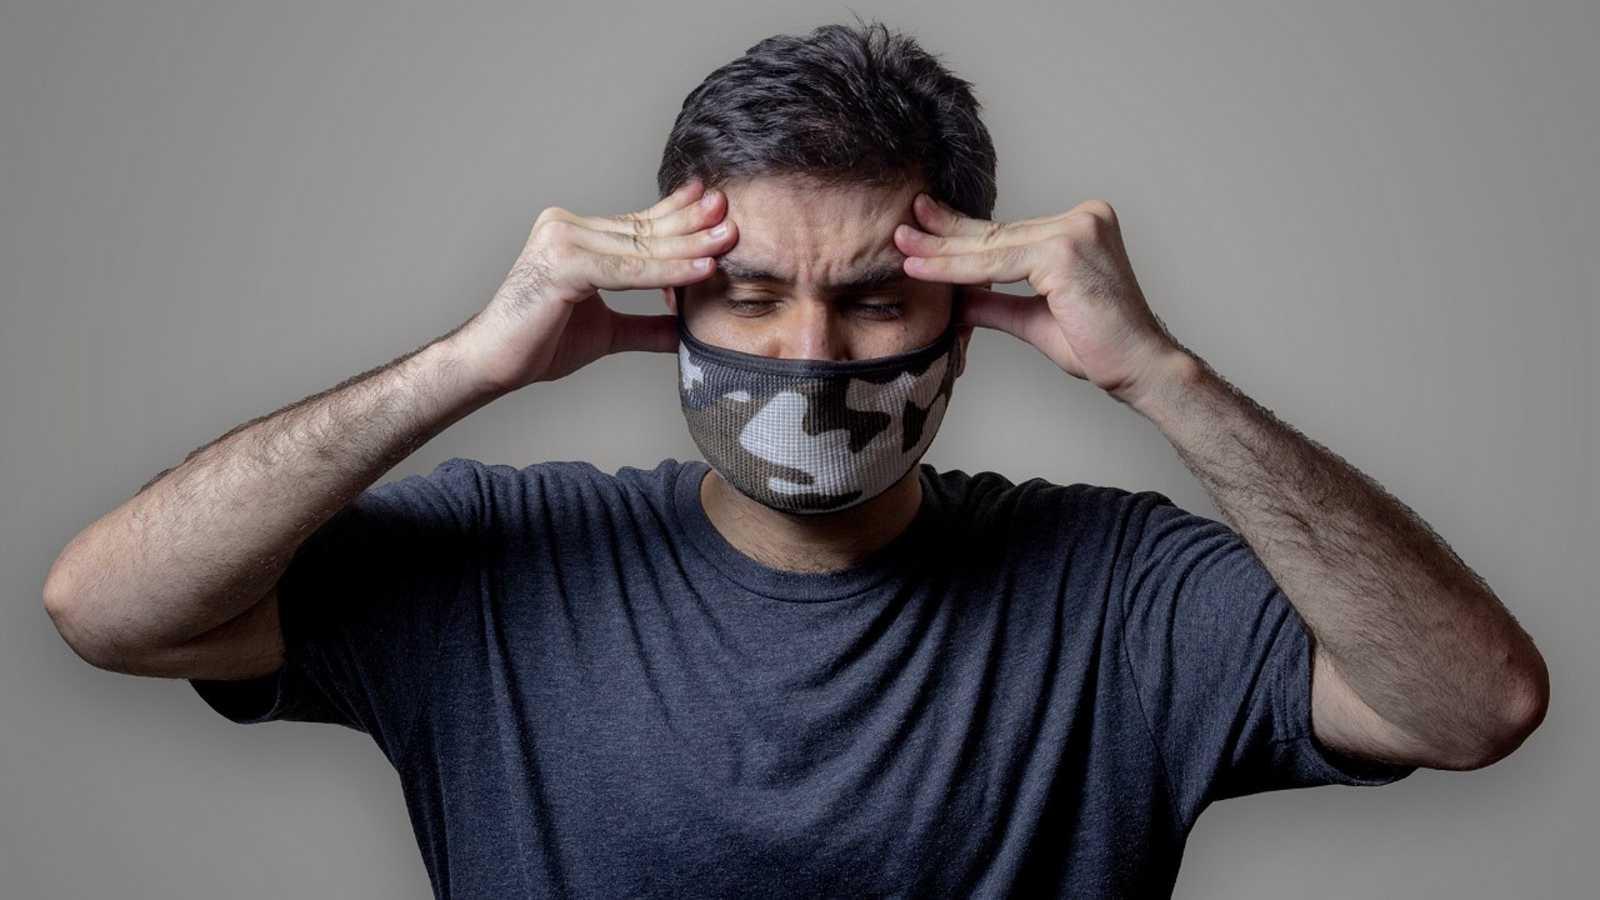 Con bata blanca - Mascarillas y dolor de cabeza - 12/02/21 - escuchar ahora